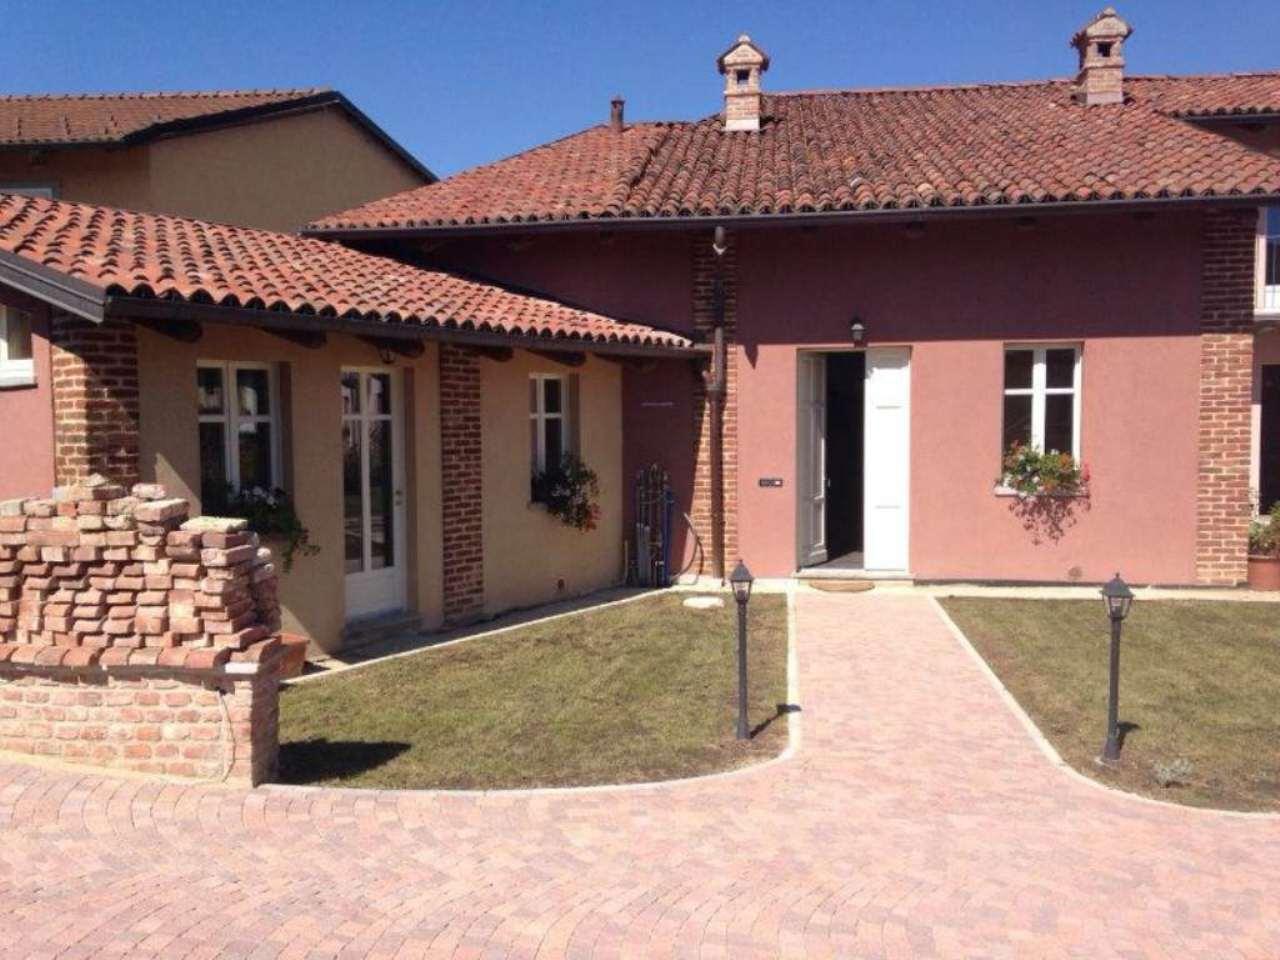 Villa a Schiera in vendita a Moriondo Torinese, 4 locali, prezzo € 230.000 | Cambio Casa.it